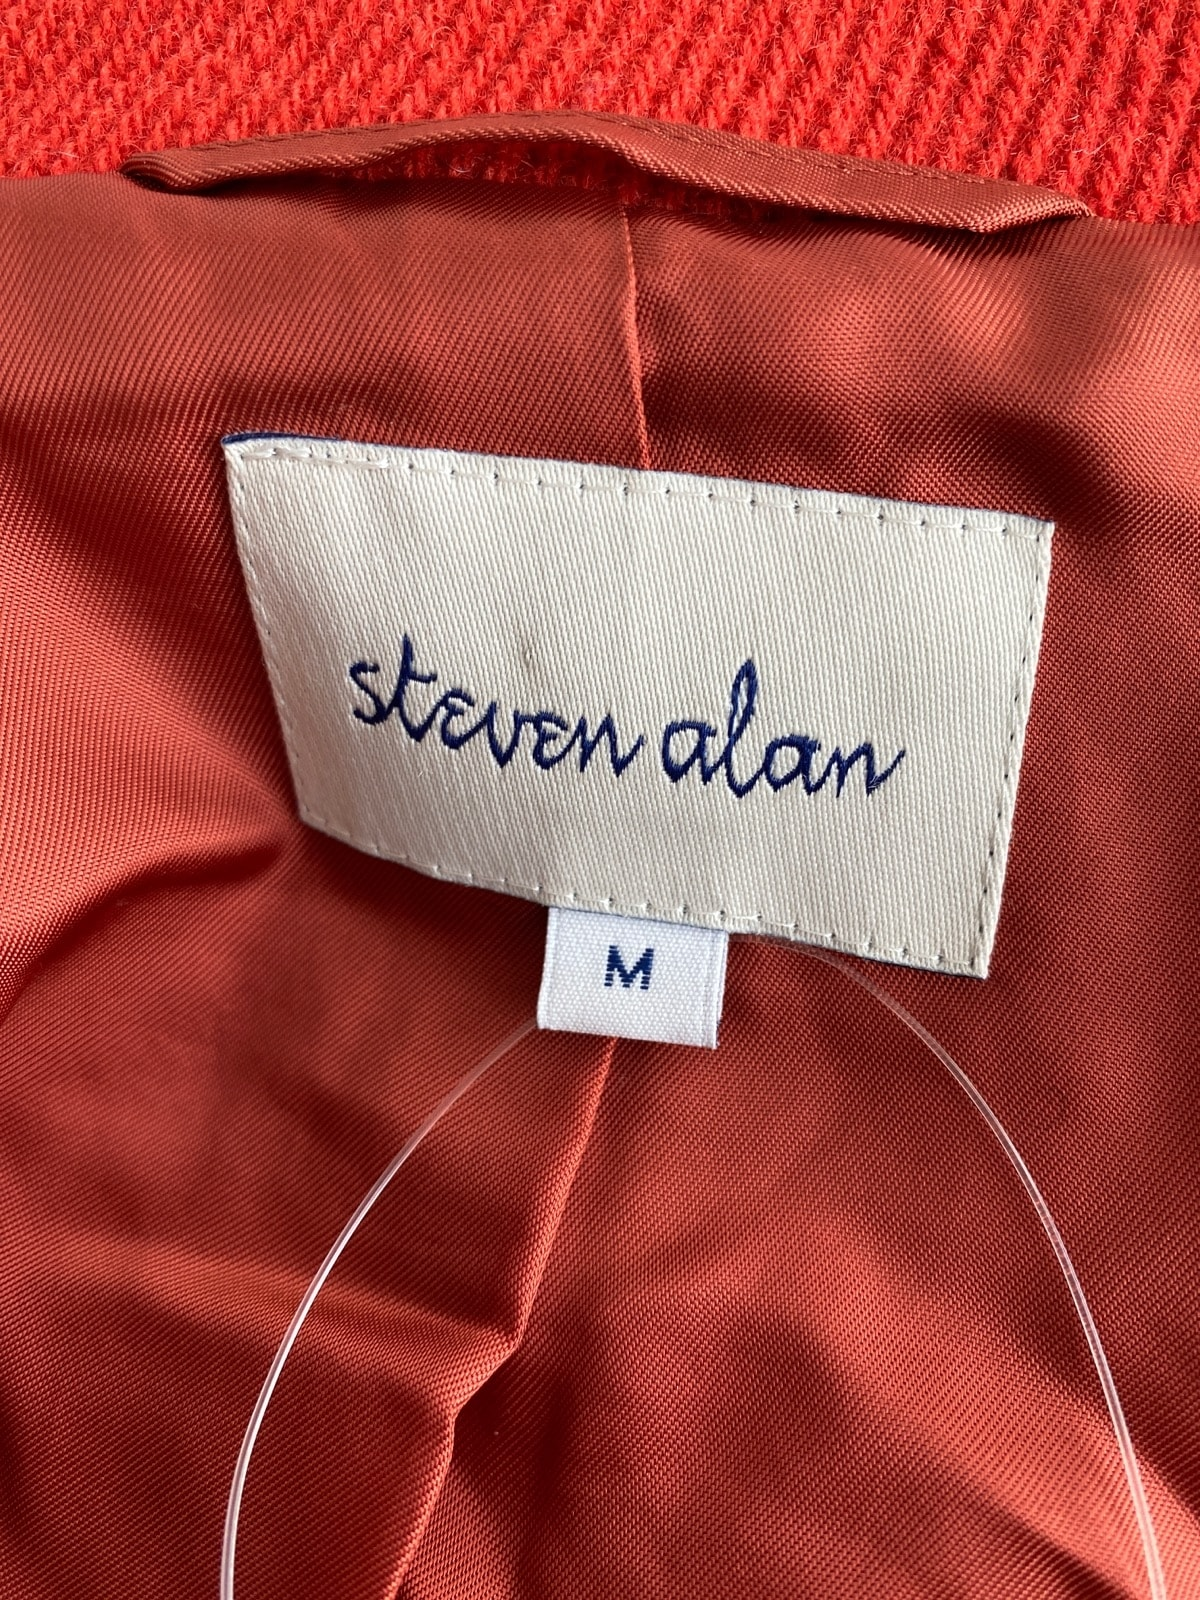 steven・alan(スティーブン・アラン)のコート